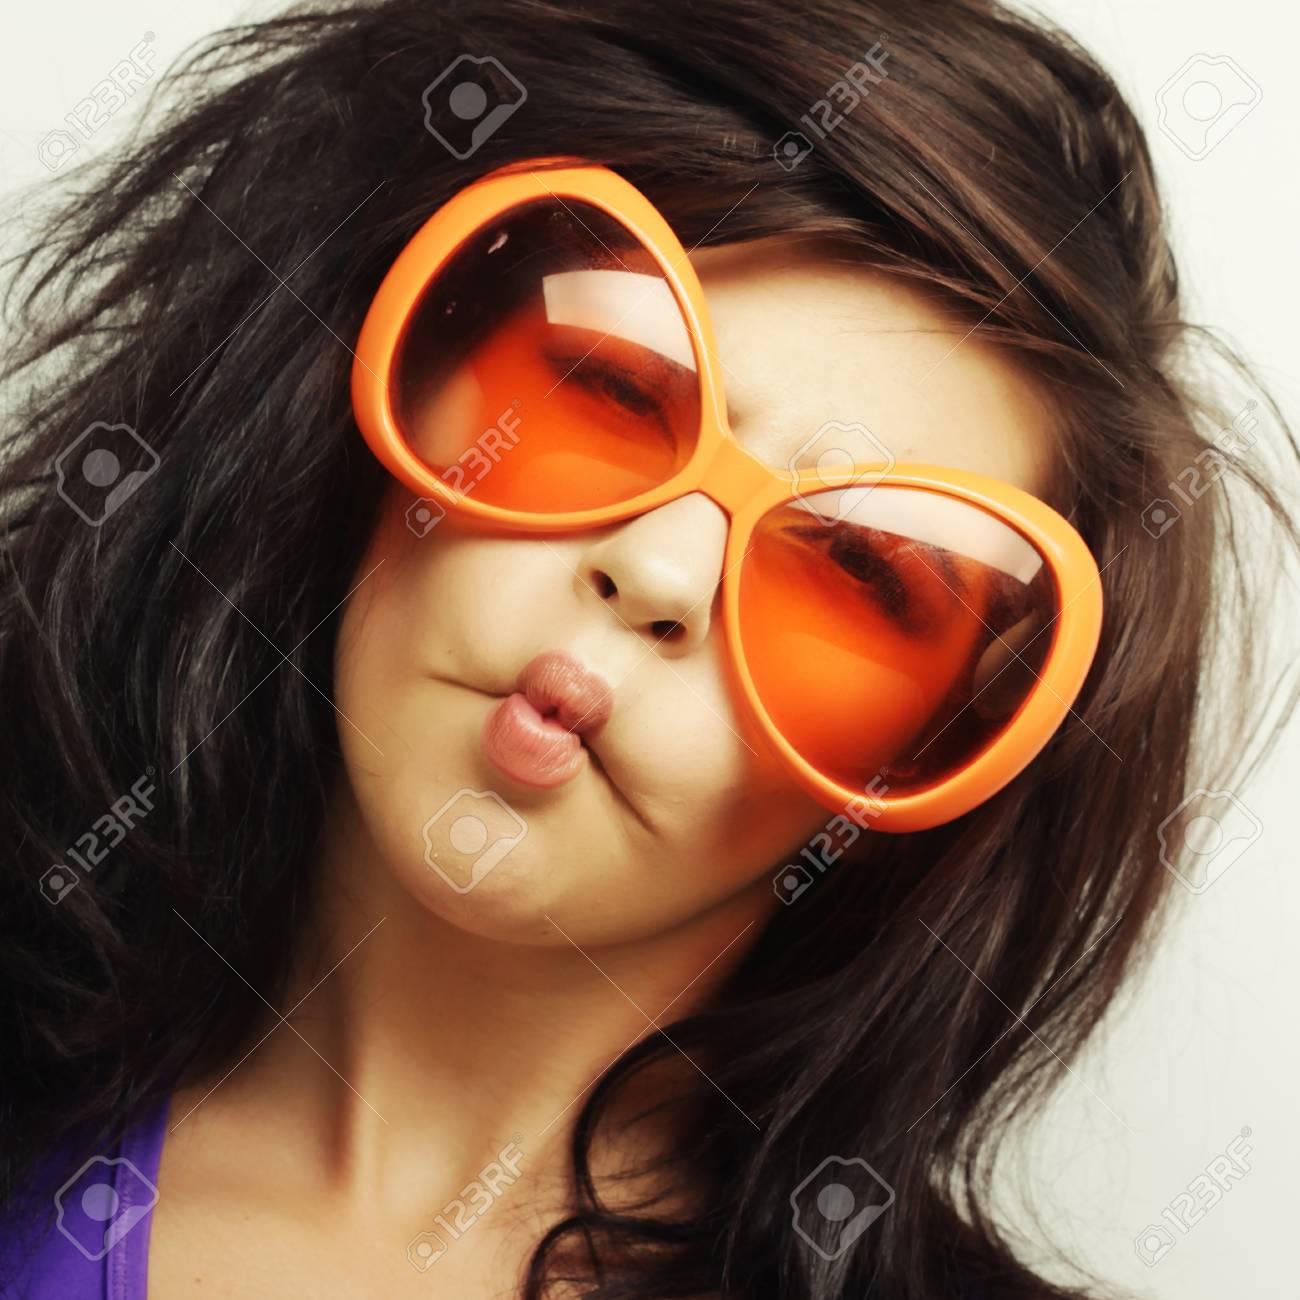 Jeune Femme Drole Avec Grosses Lunettes De Soleil Orange Banque D Images Et Photos Libres De Droits Image 37914290